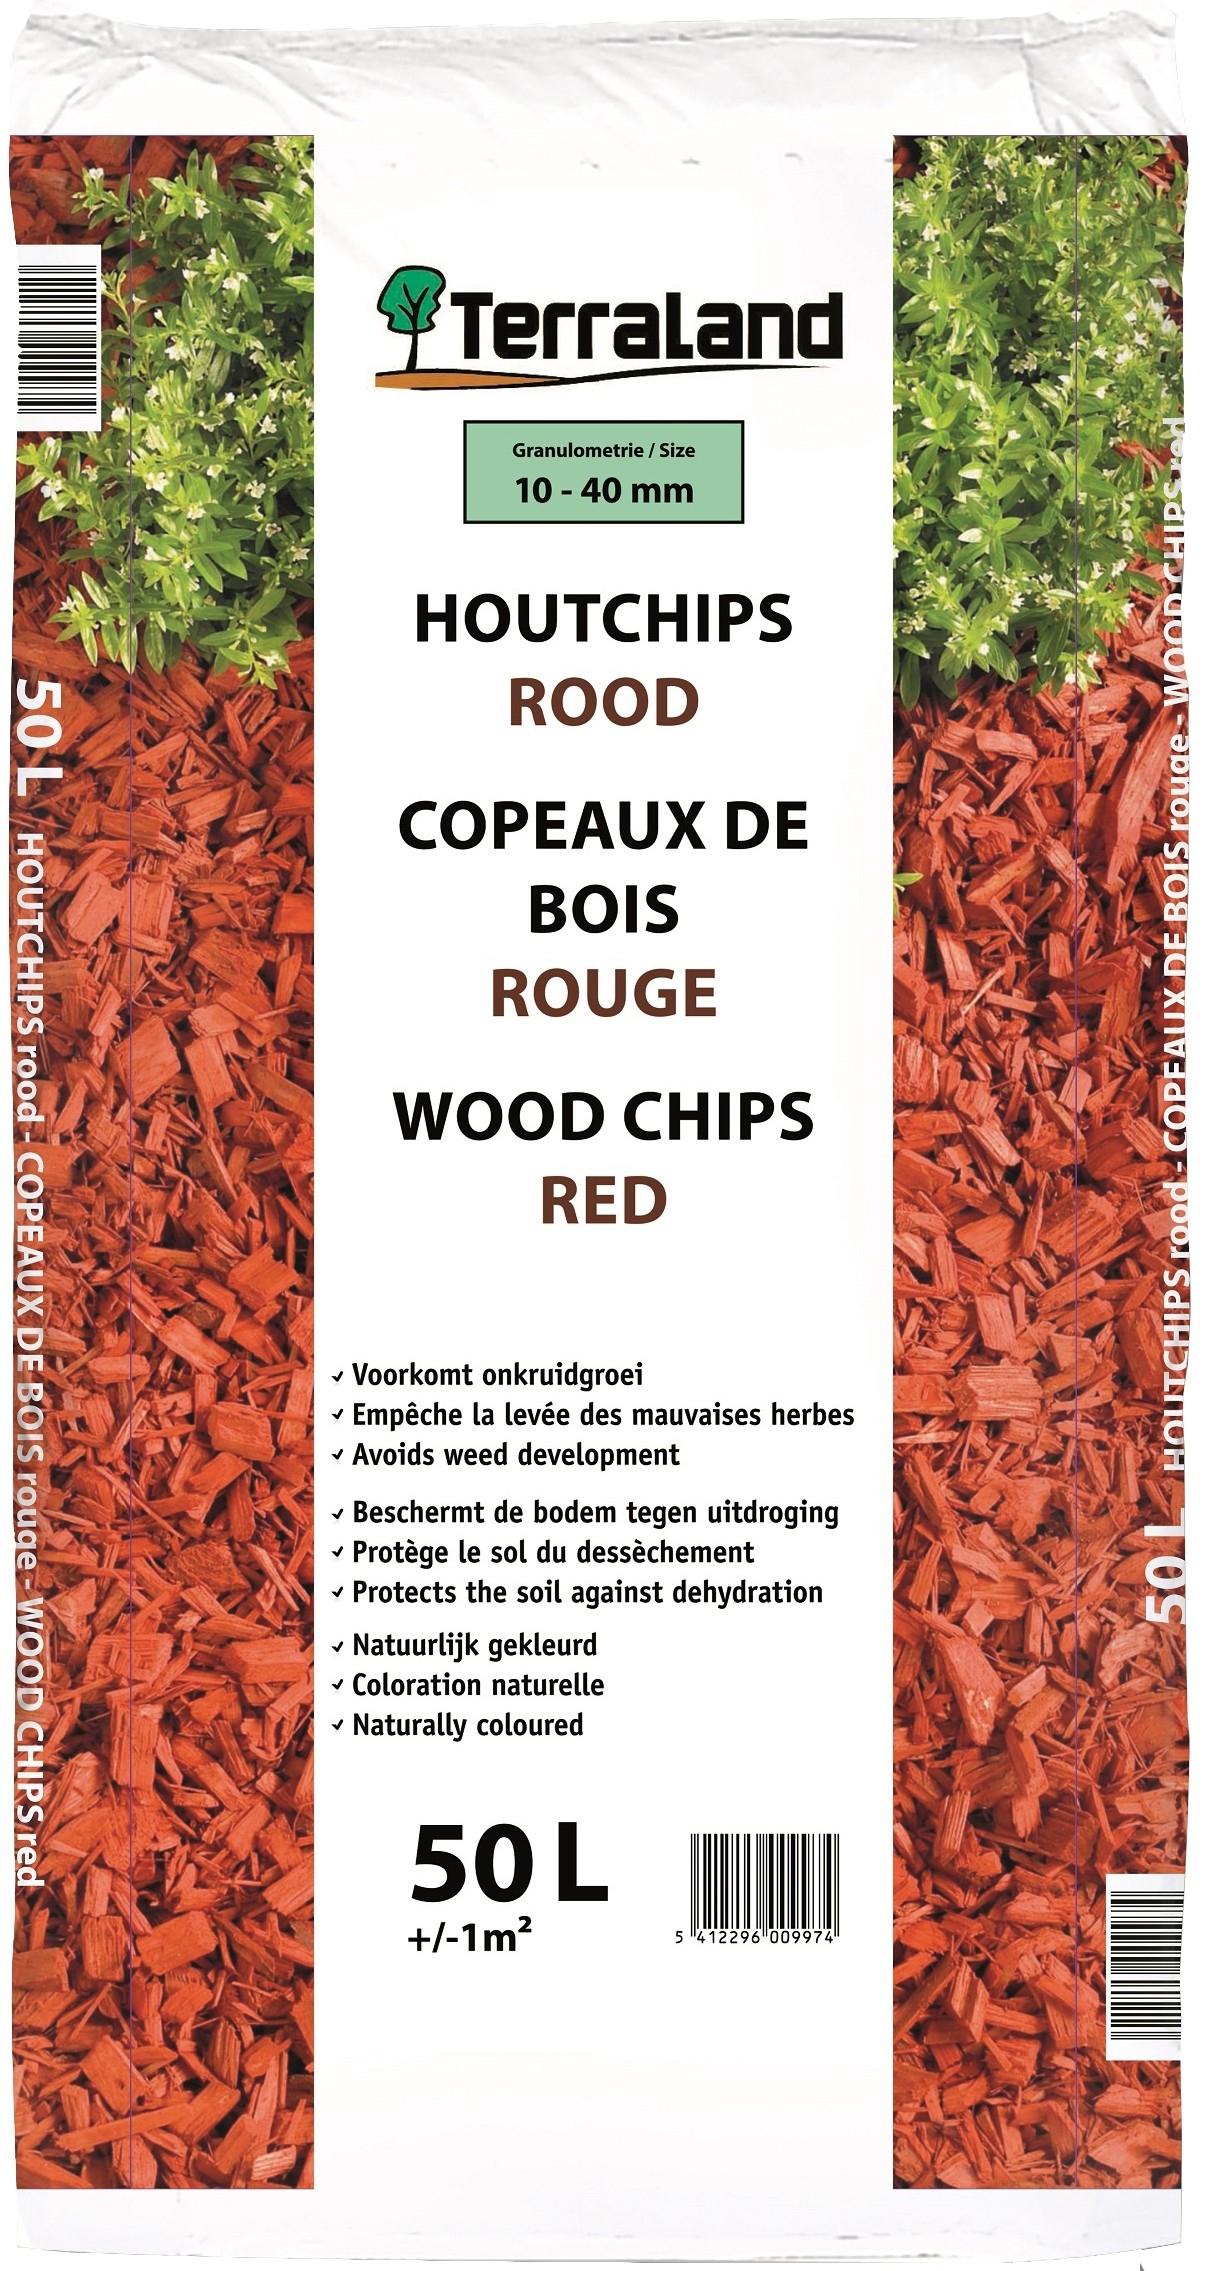 Copeaux De Bois Rouge 50 L Terraland - Mr.bricolage à Copeaux De Bois Jardin Pas Cher